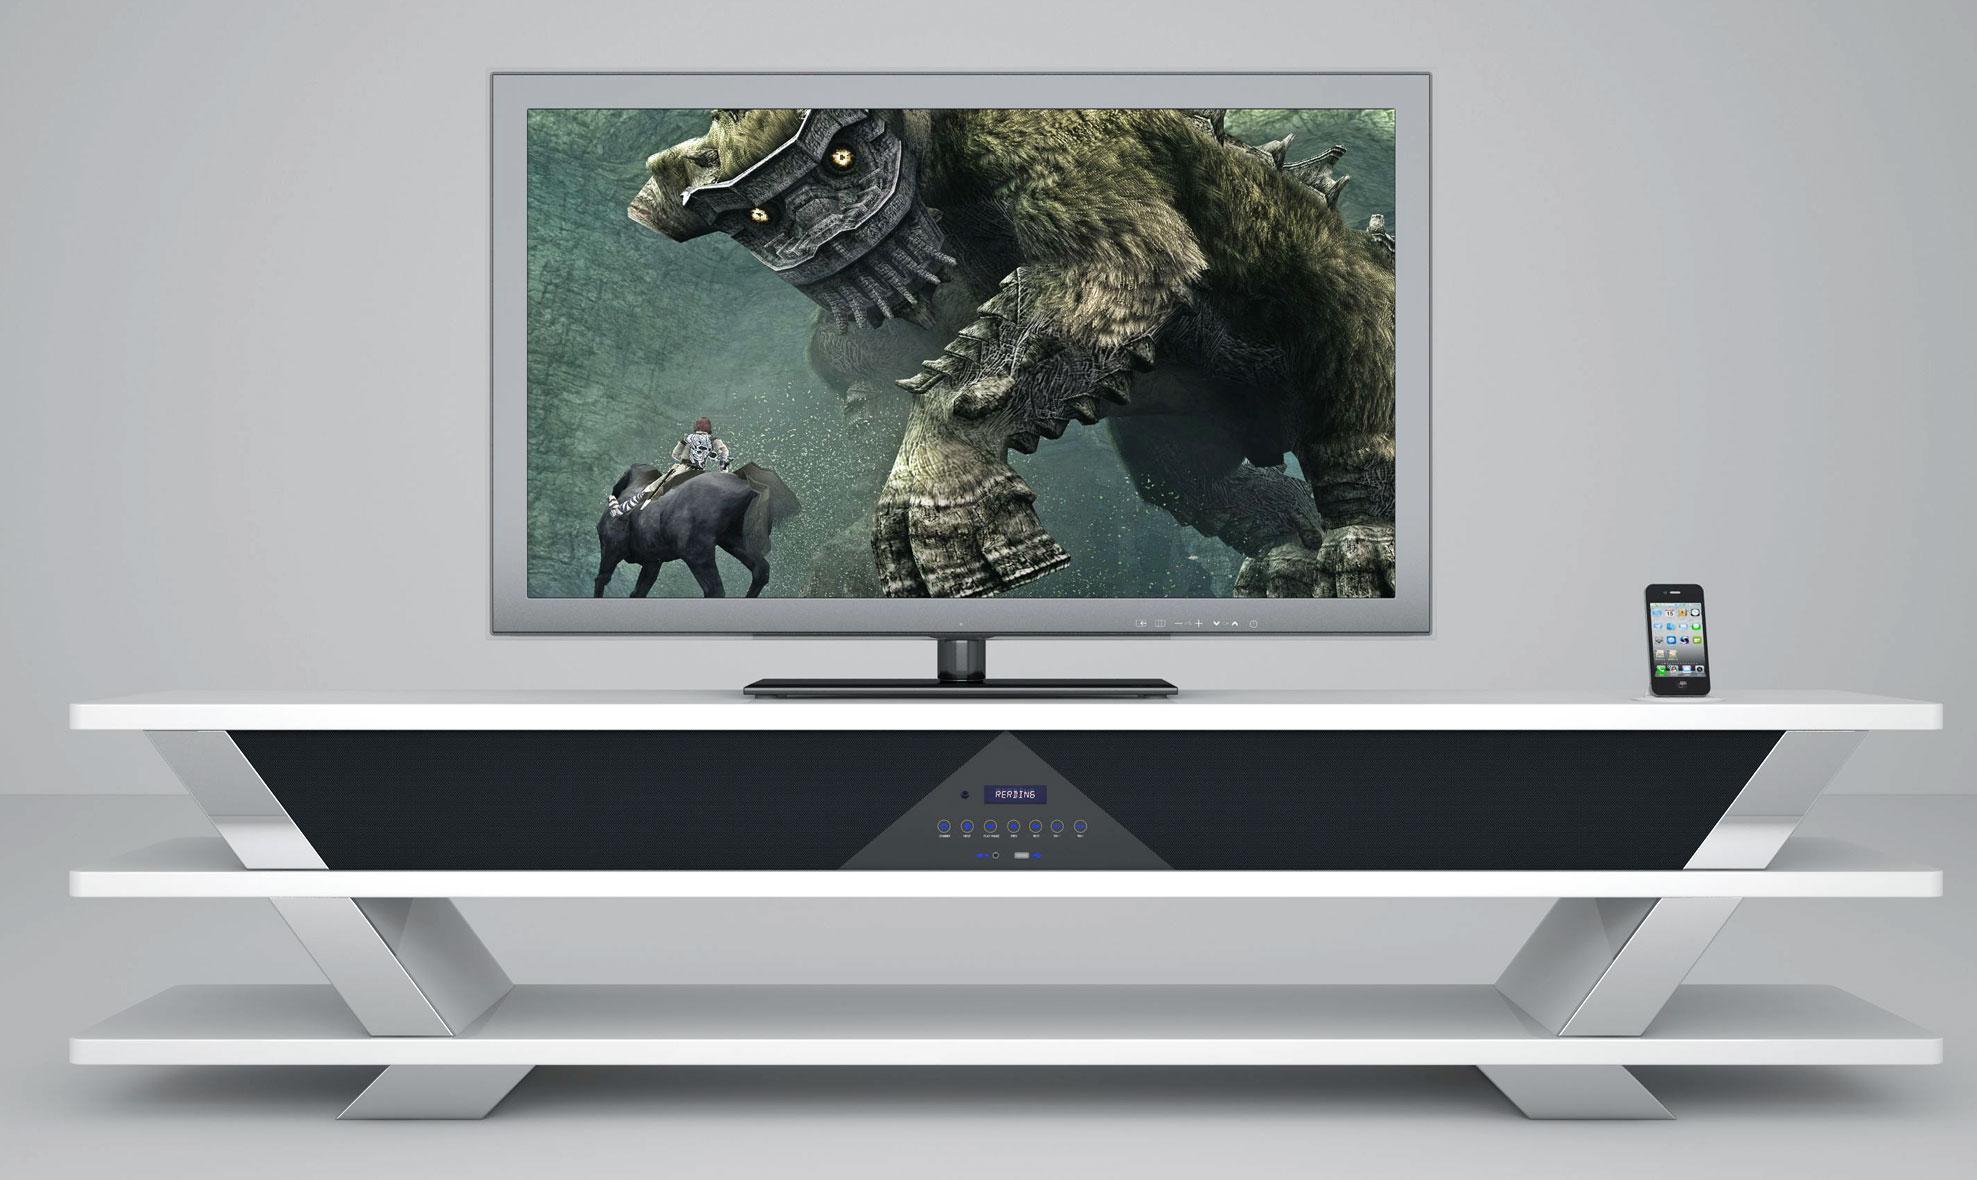 Muebles Para Poner Televisor Mercadolibre Cddigi Com # Muebles Living Mercadolibre